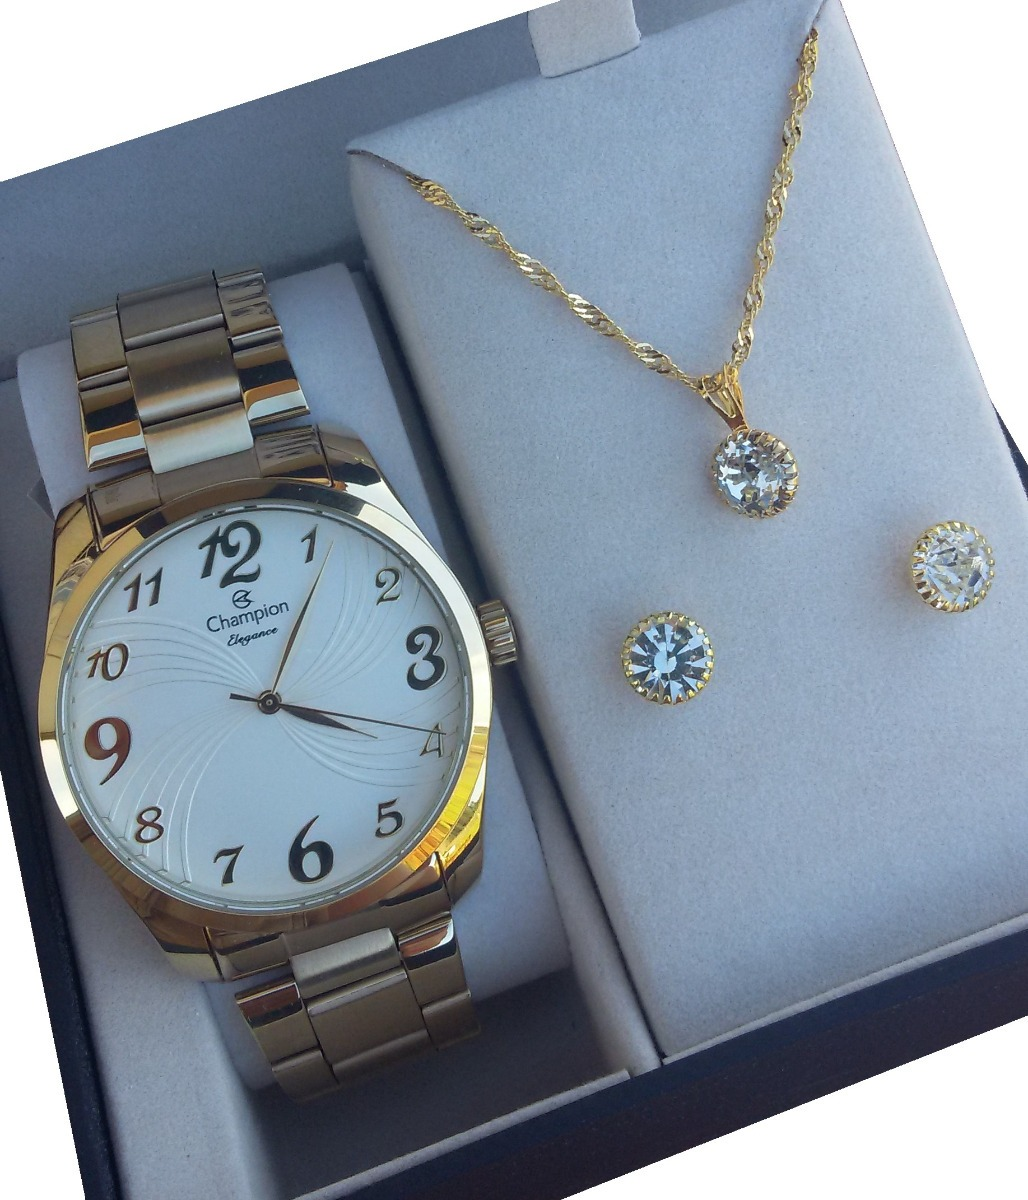 ba8aaadcee3 relógio cn26715w champion dourado feminino original f grátis. Carregando  zoom.